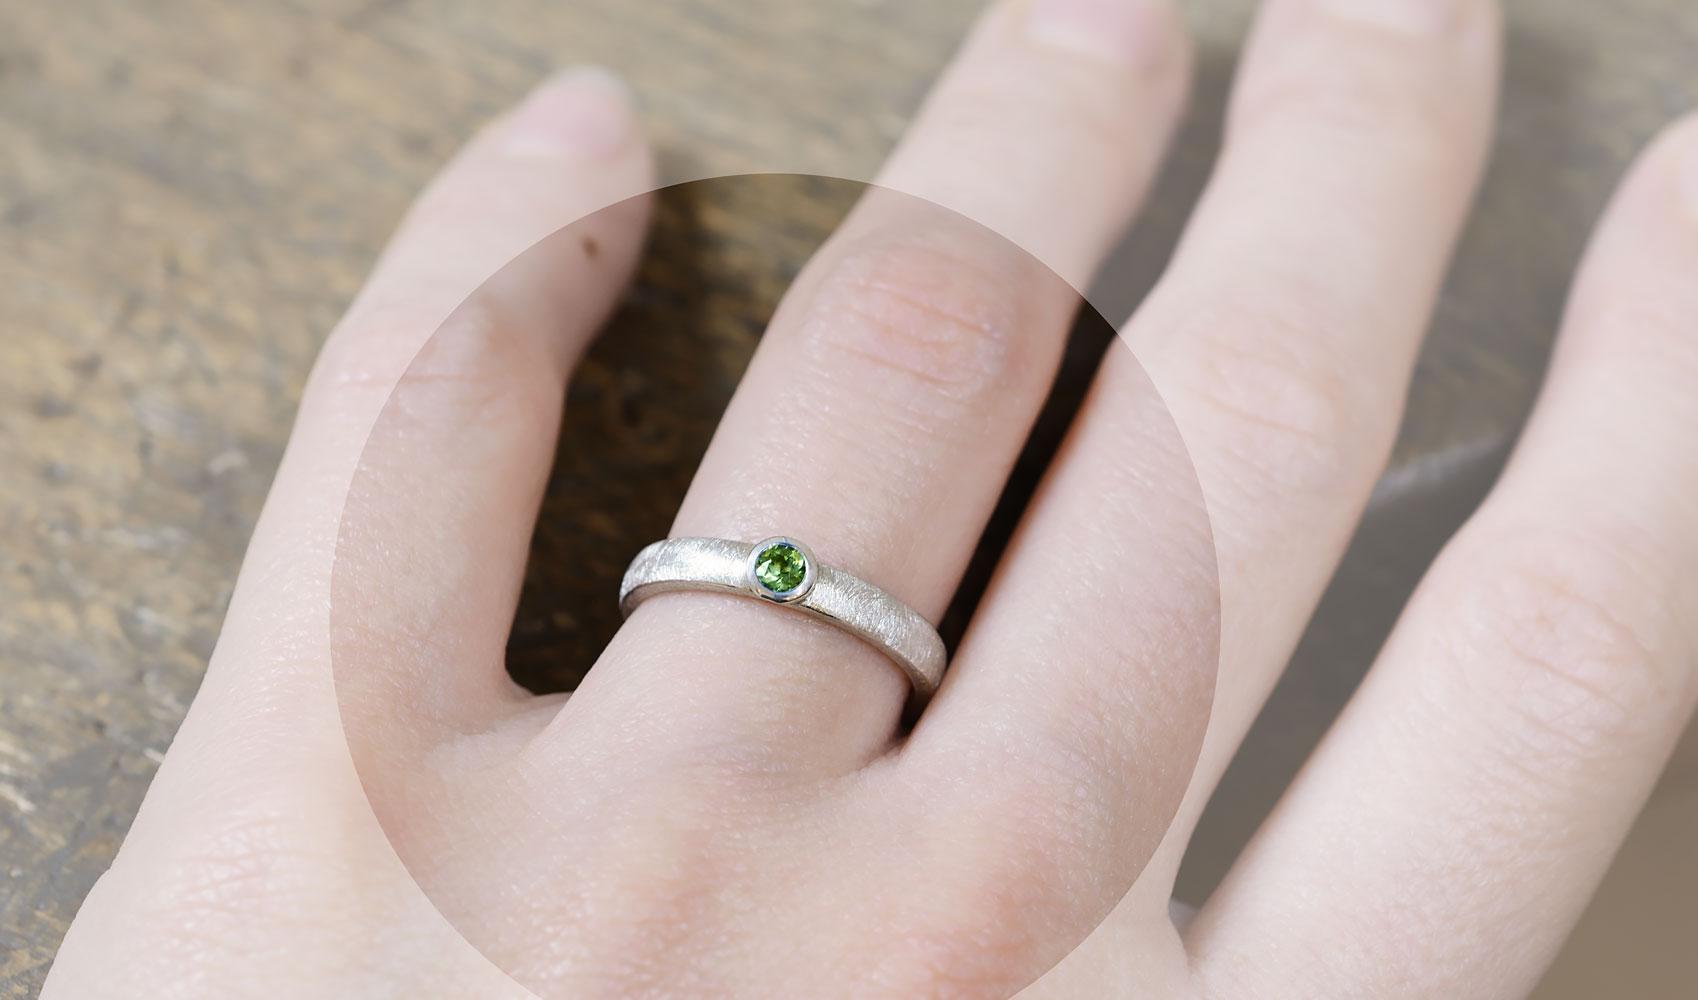 GOLDAFFAIRS - Schlichter Verlobungsring aus FAIRTRADE Silber mit gruenem Turmalin, eismatt